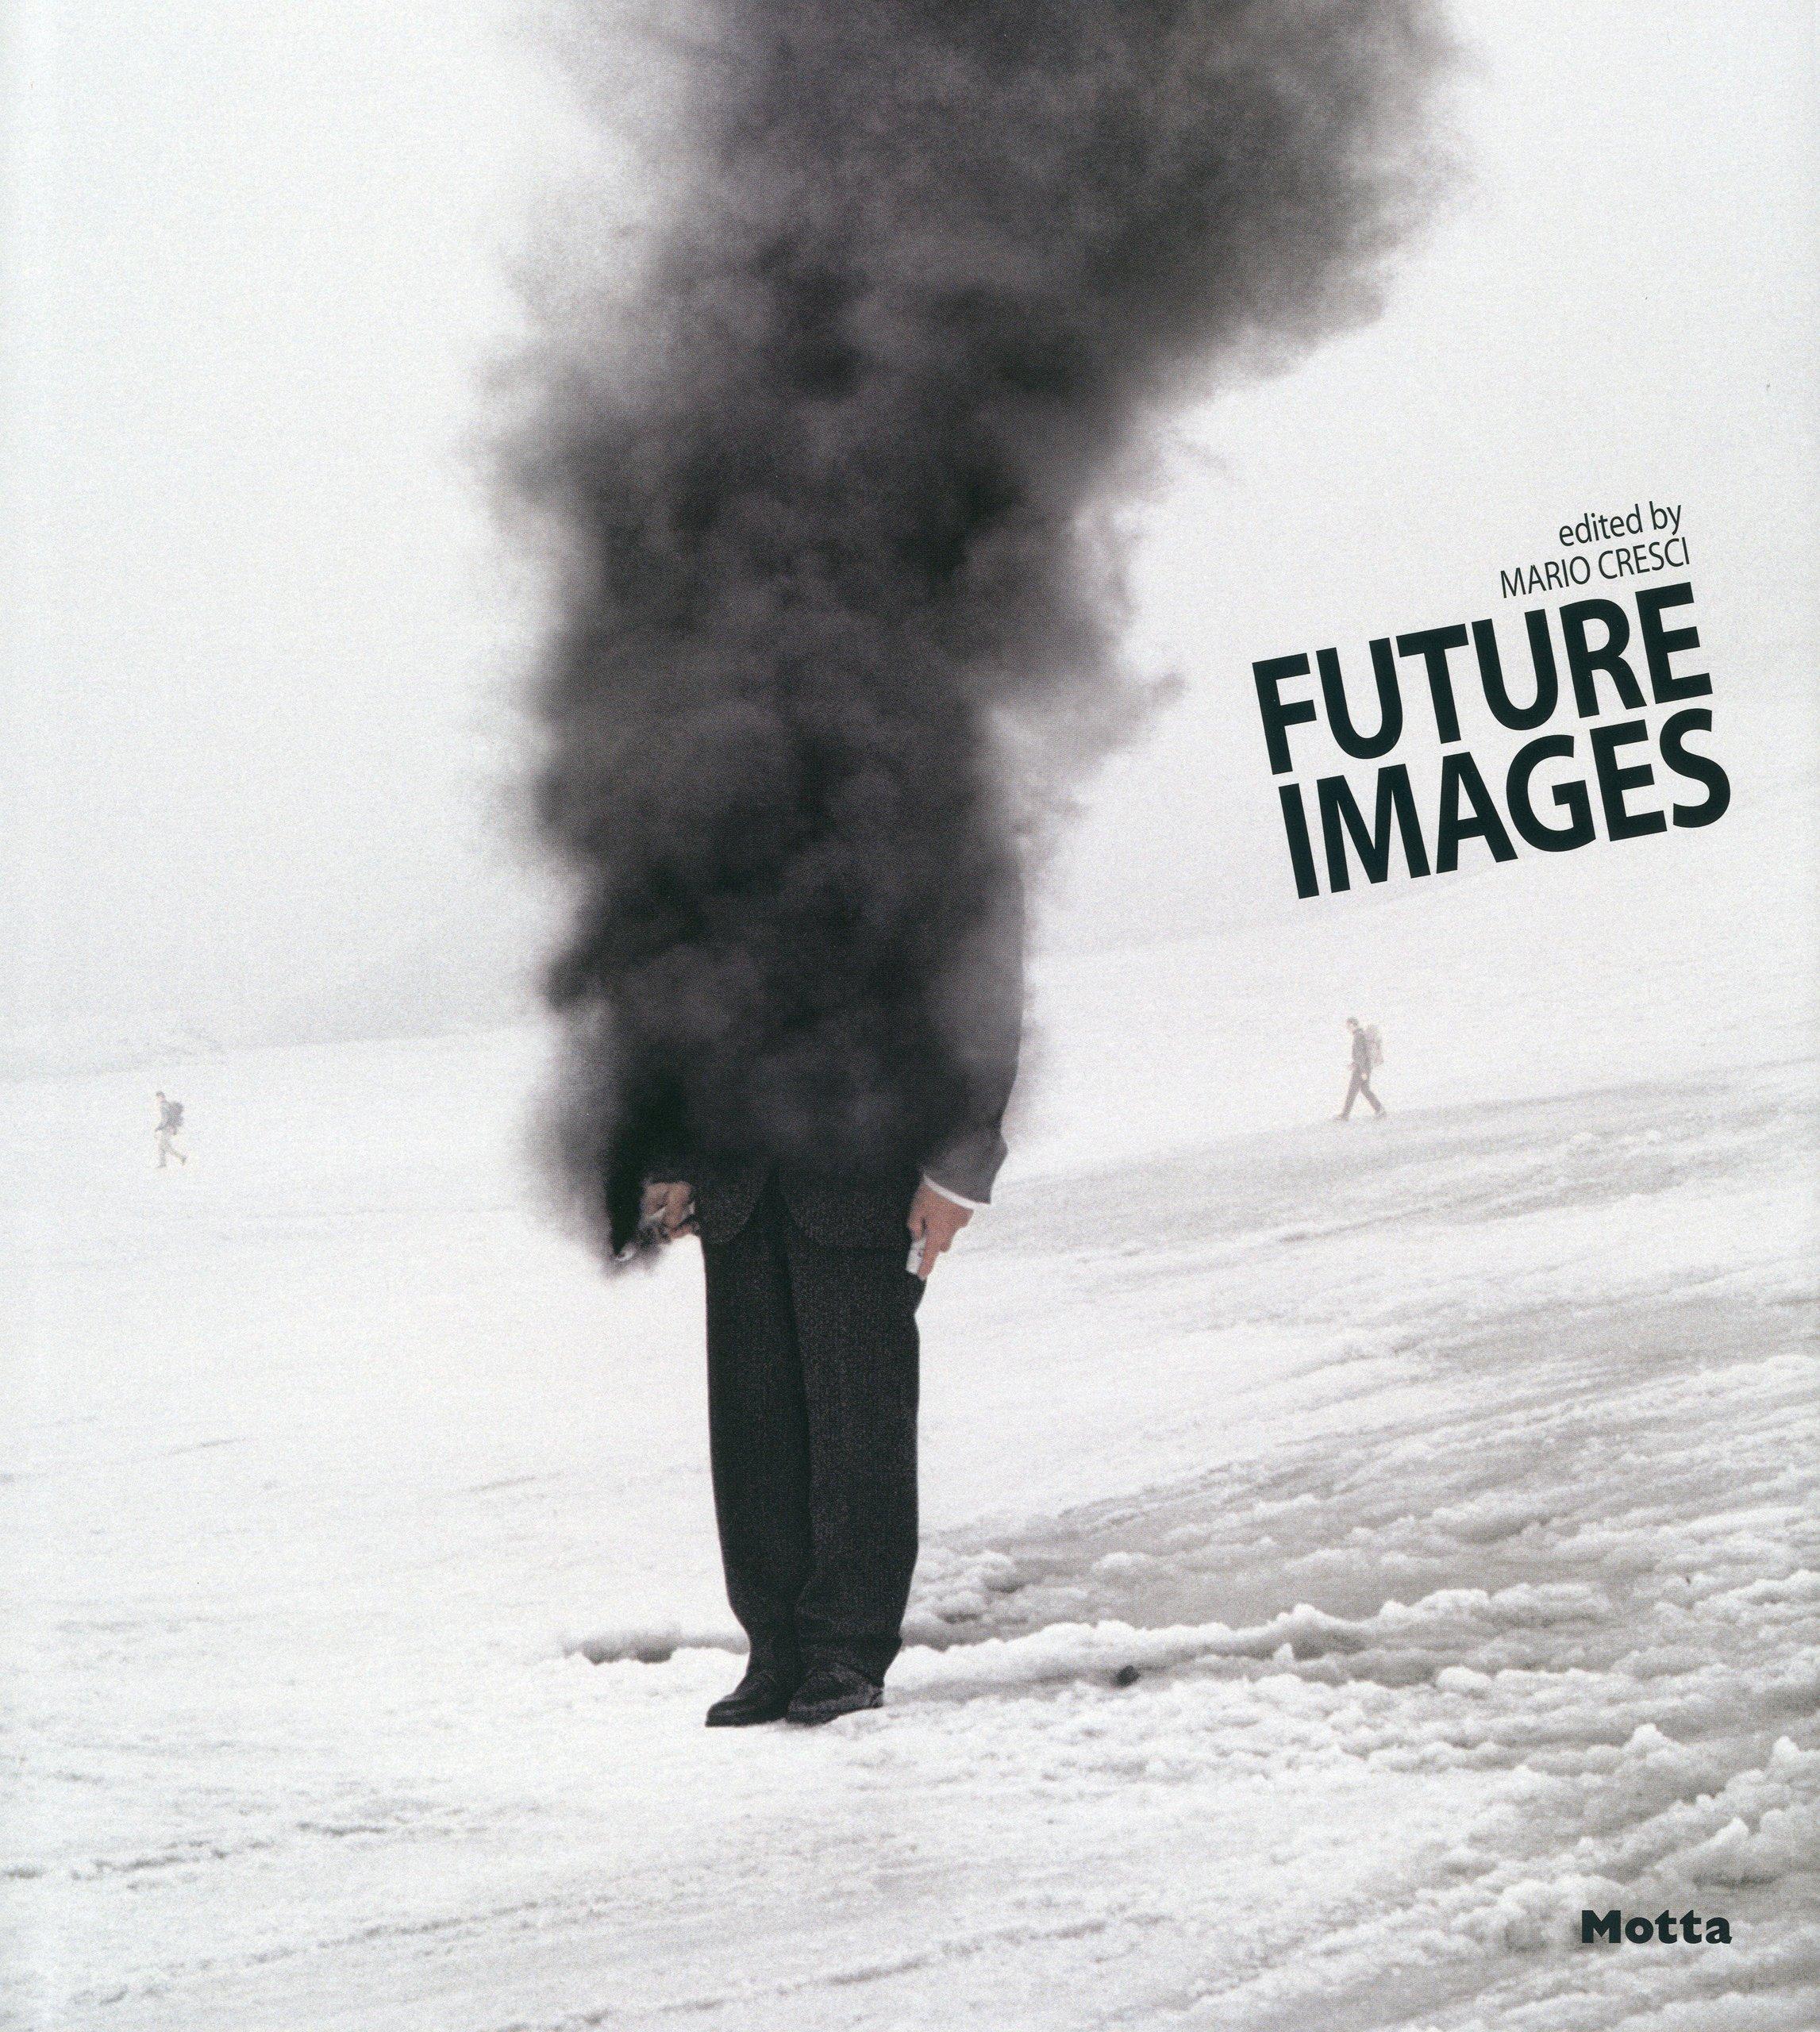 Future images. Ediz. inglese (Inglese) Copertina rigida – 18 mag 2012 M. Cresci 24 Ore Cultura 8864130179 Altra illustrata